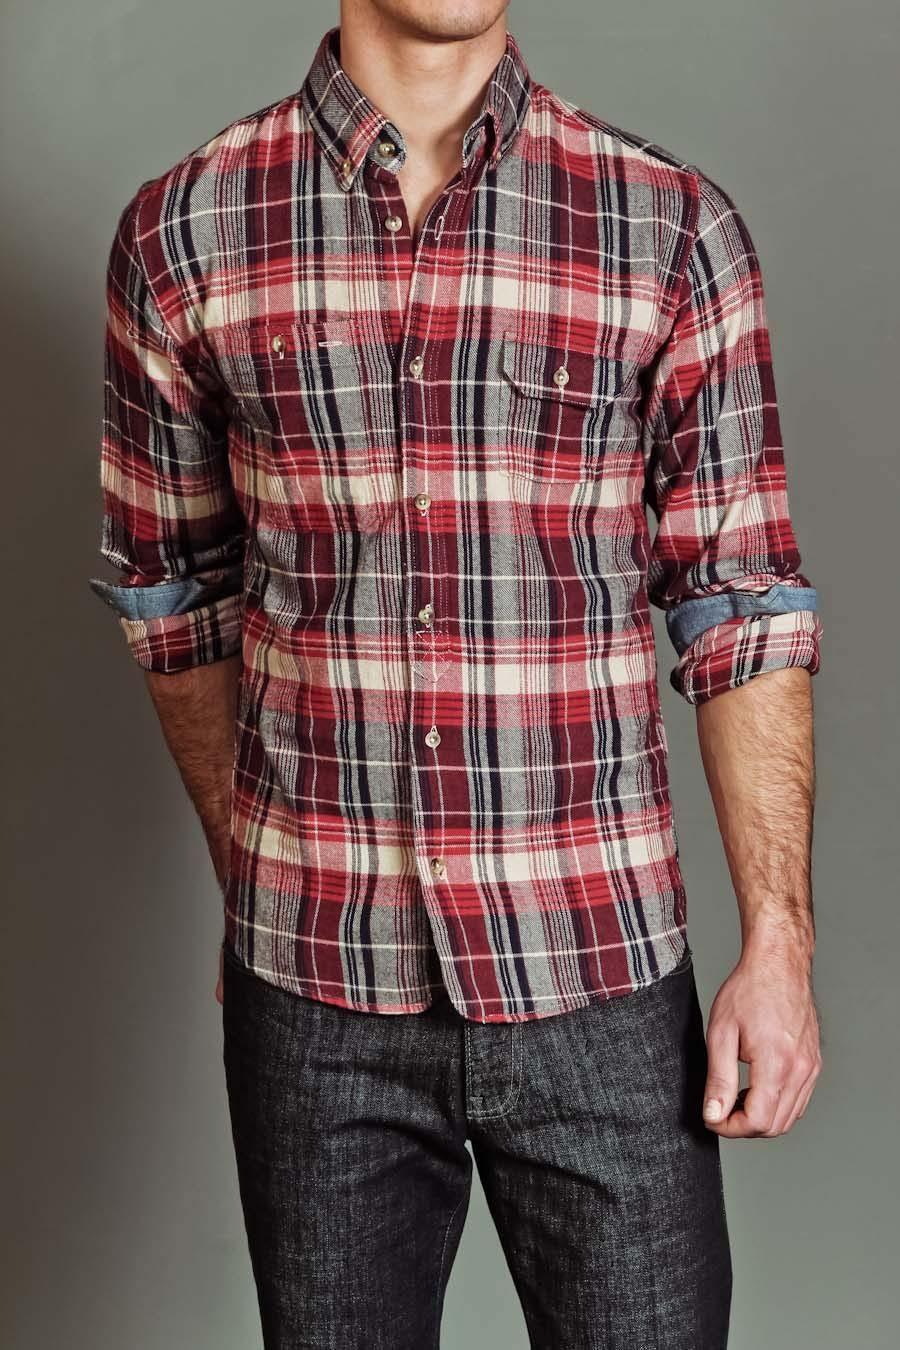 Flannel shirt season  SCIFEN BLUEPRINT FLANNEL SHIRT RED Originally  now   My